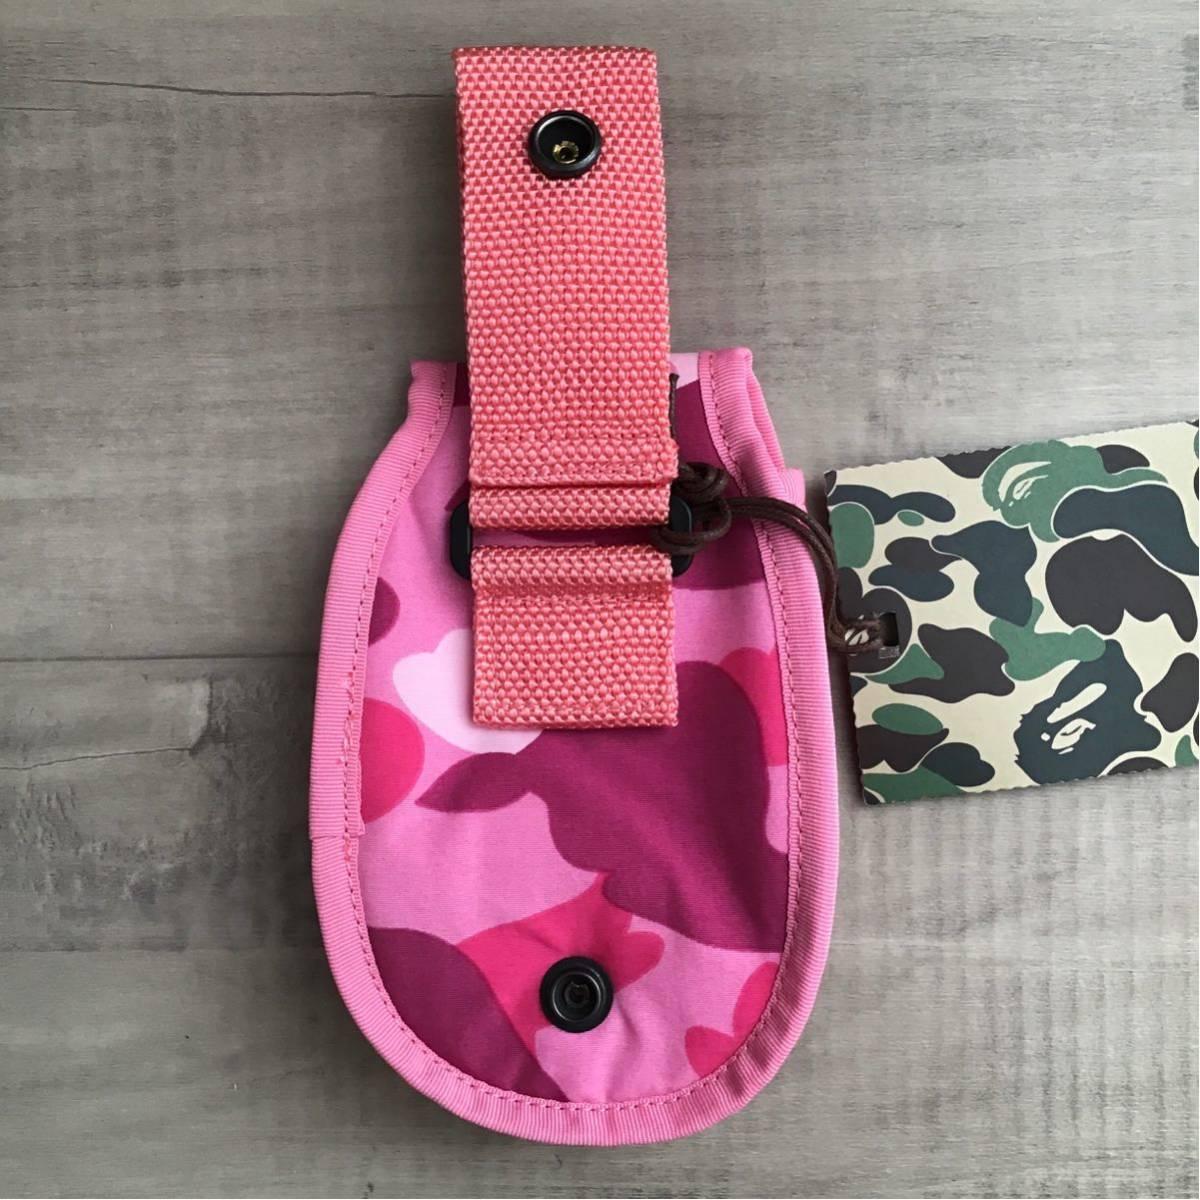 ★新品★ pink camo ポーチ a bathing ape BAPE pouch エイプ ベイプ アベイシングエイプ ピンク 迷彩 3223